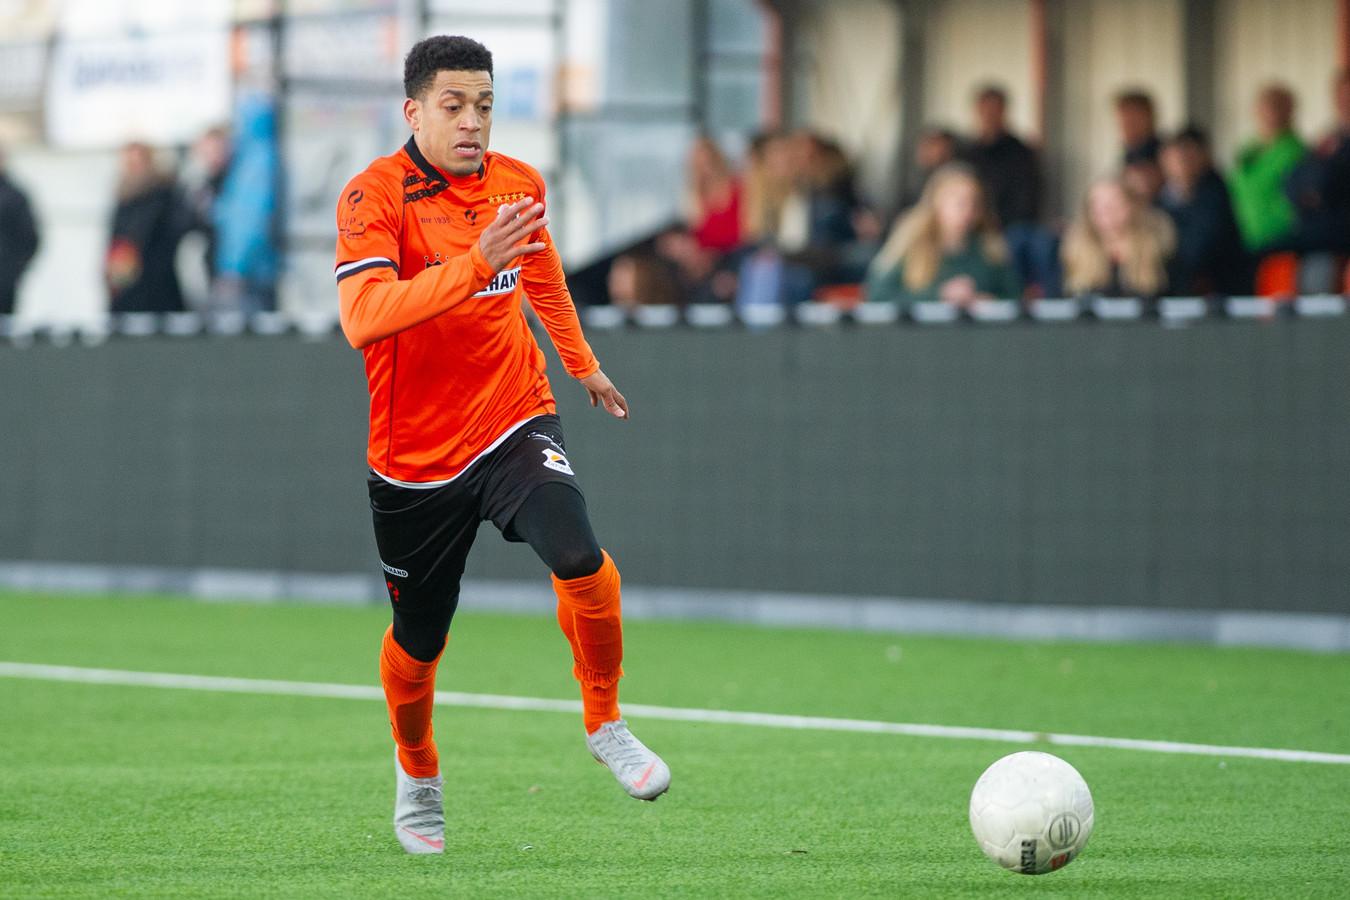 Damiano Schet is een van de spelers met een RKC verleden bij Katwijk.